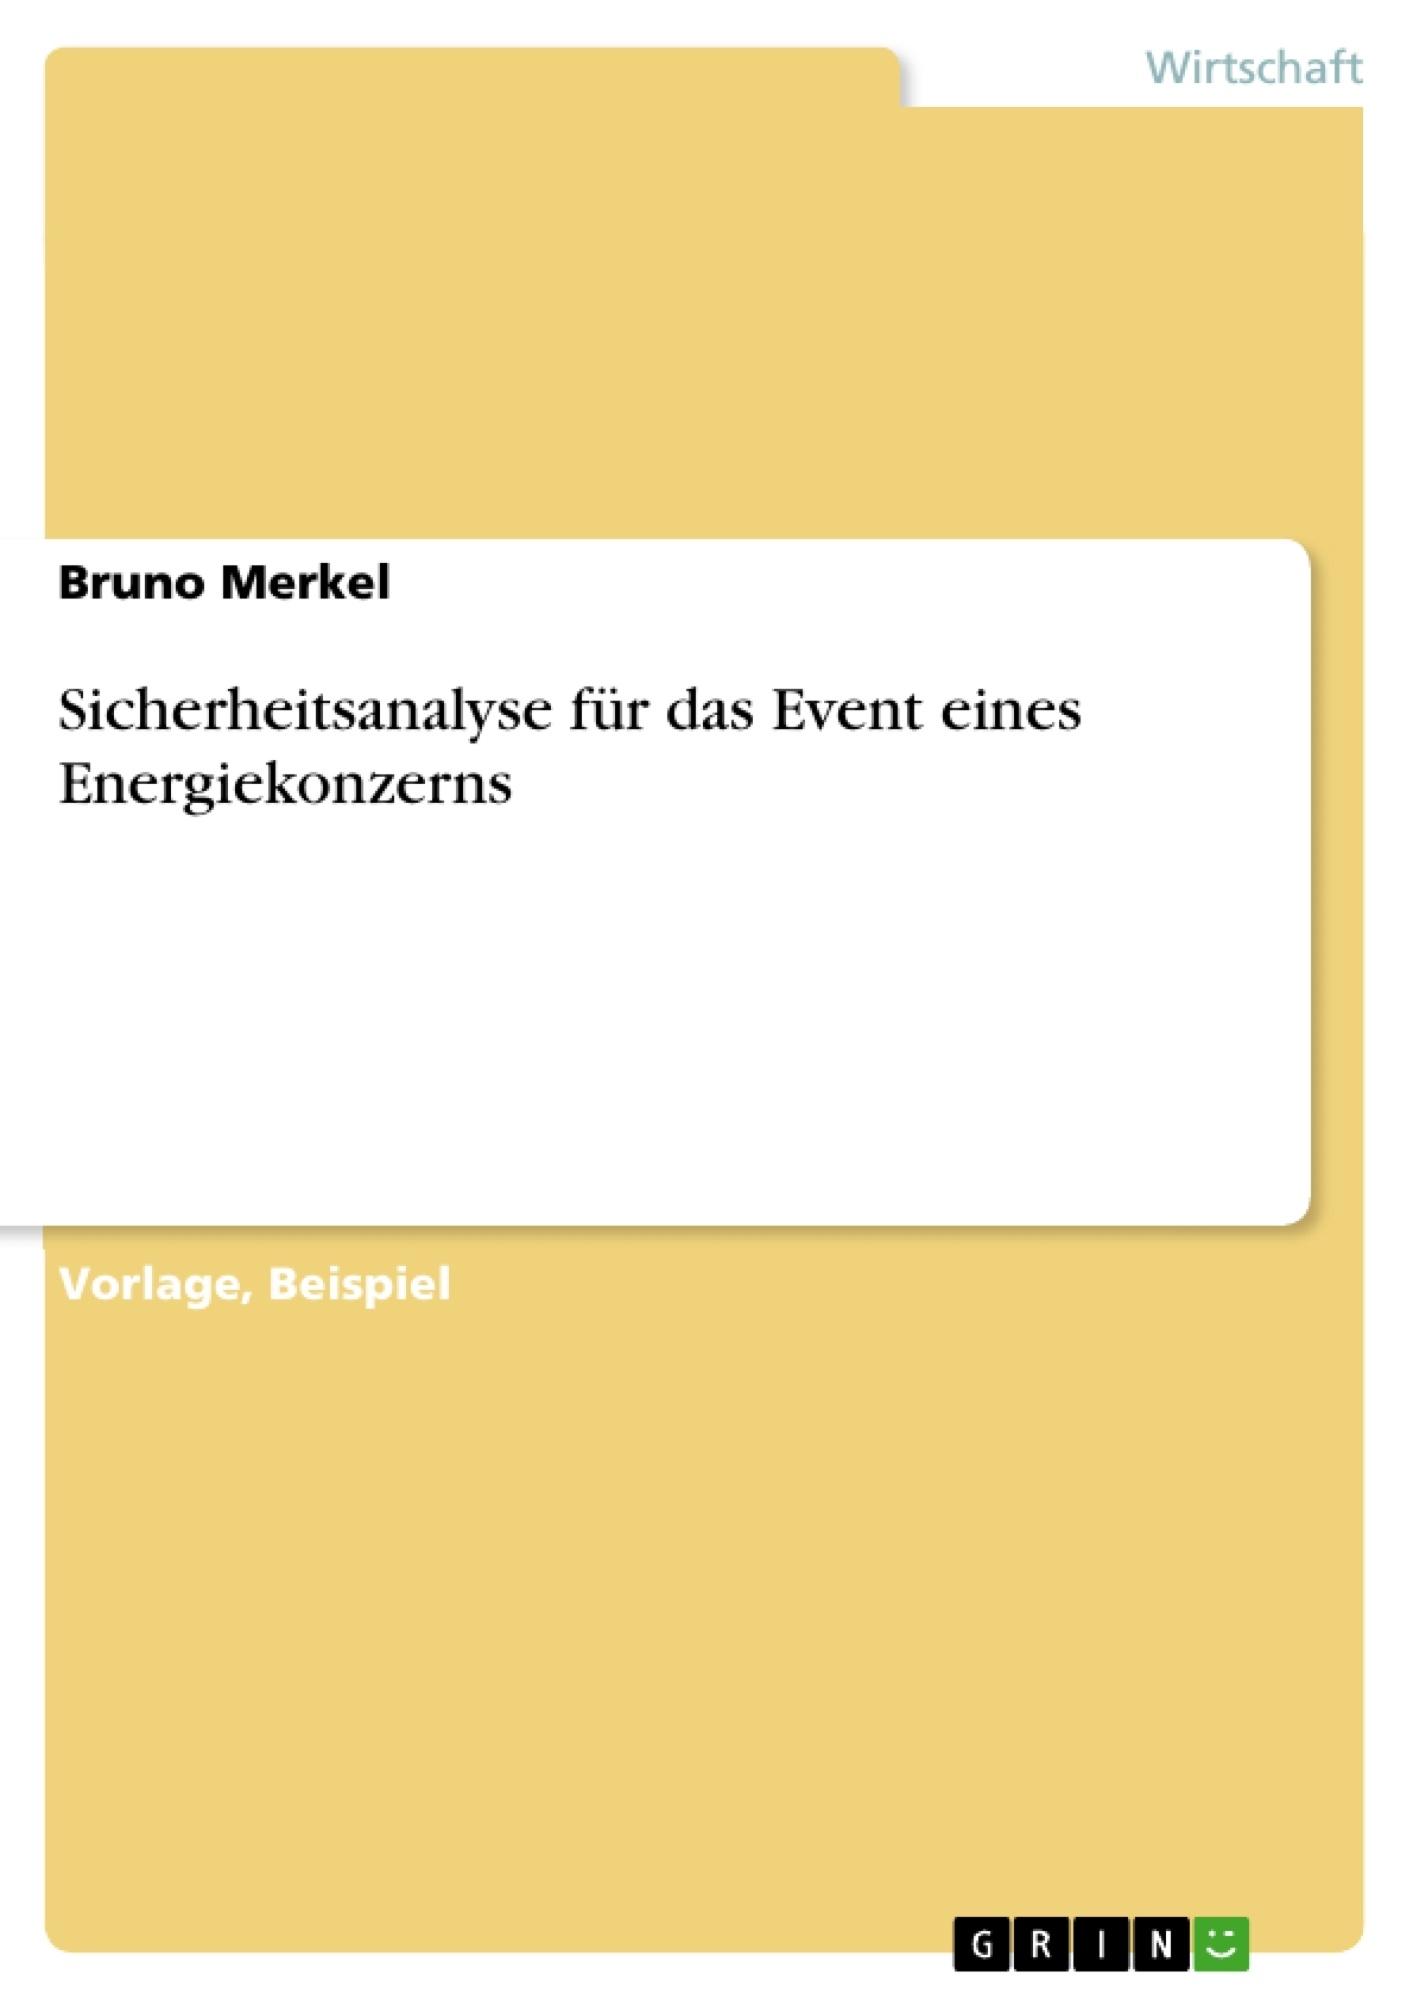 Titel: Sicherheitsanalyse für das Event eines Energiekonzerns